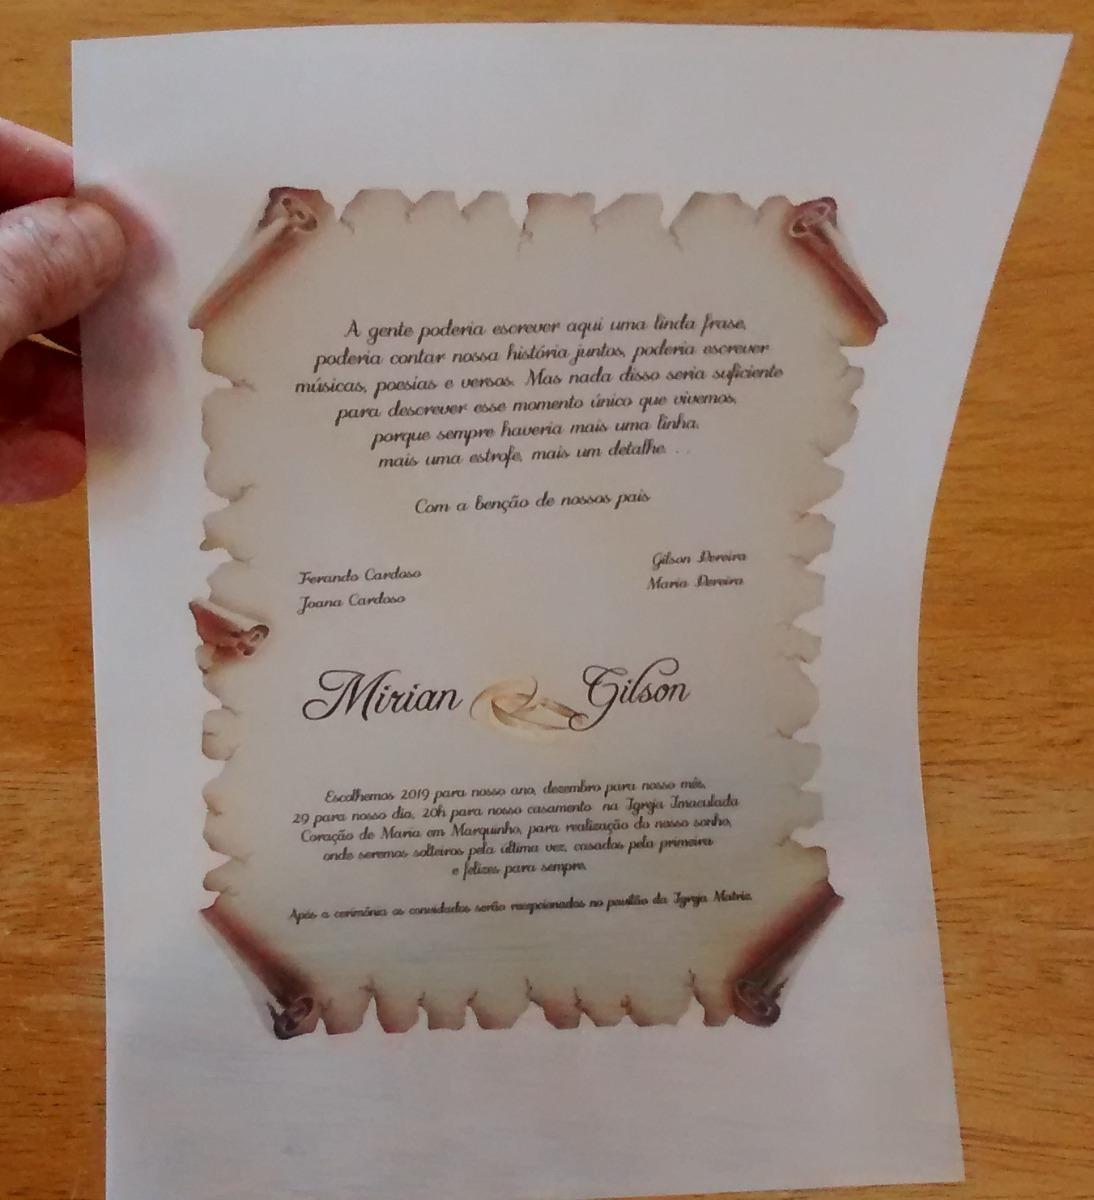 Papel Vegetal 90g Para Convite De Casamento A4 100 Folhas R 4380